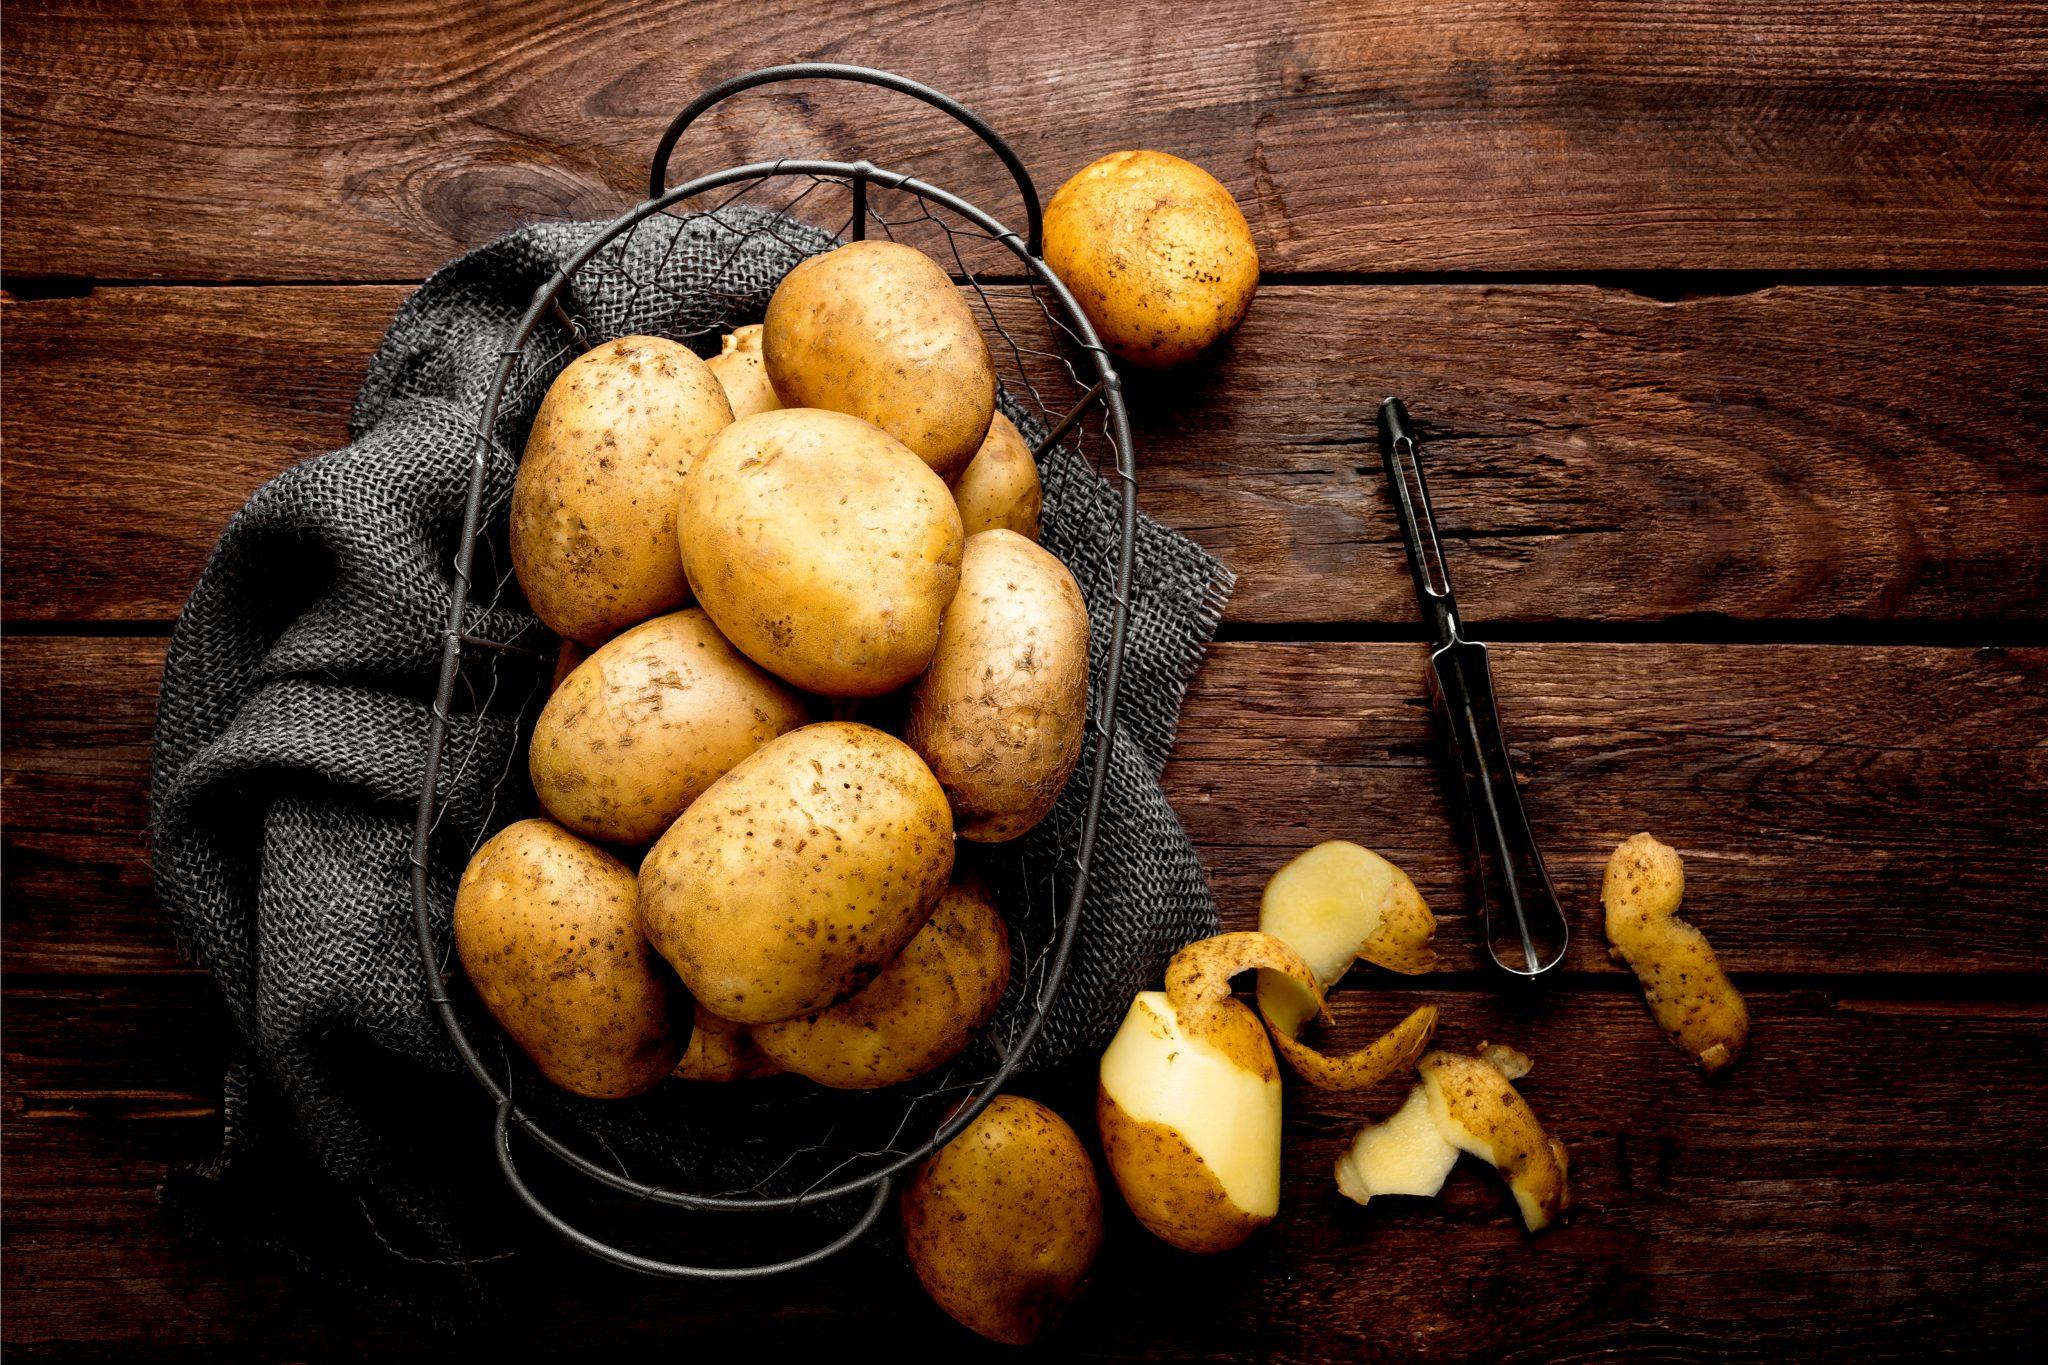 取れたての新鮮なジャガイモ